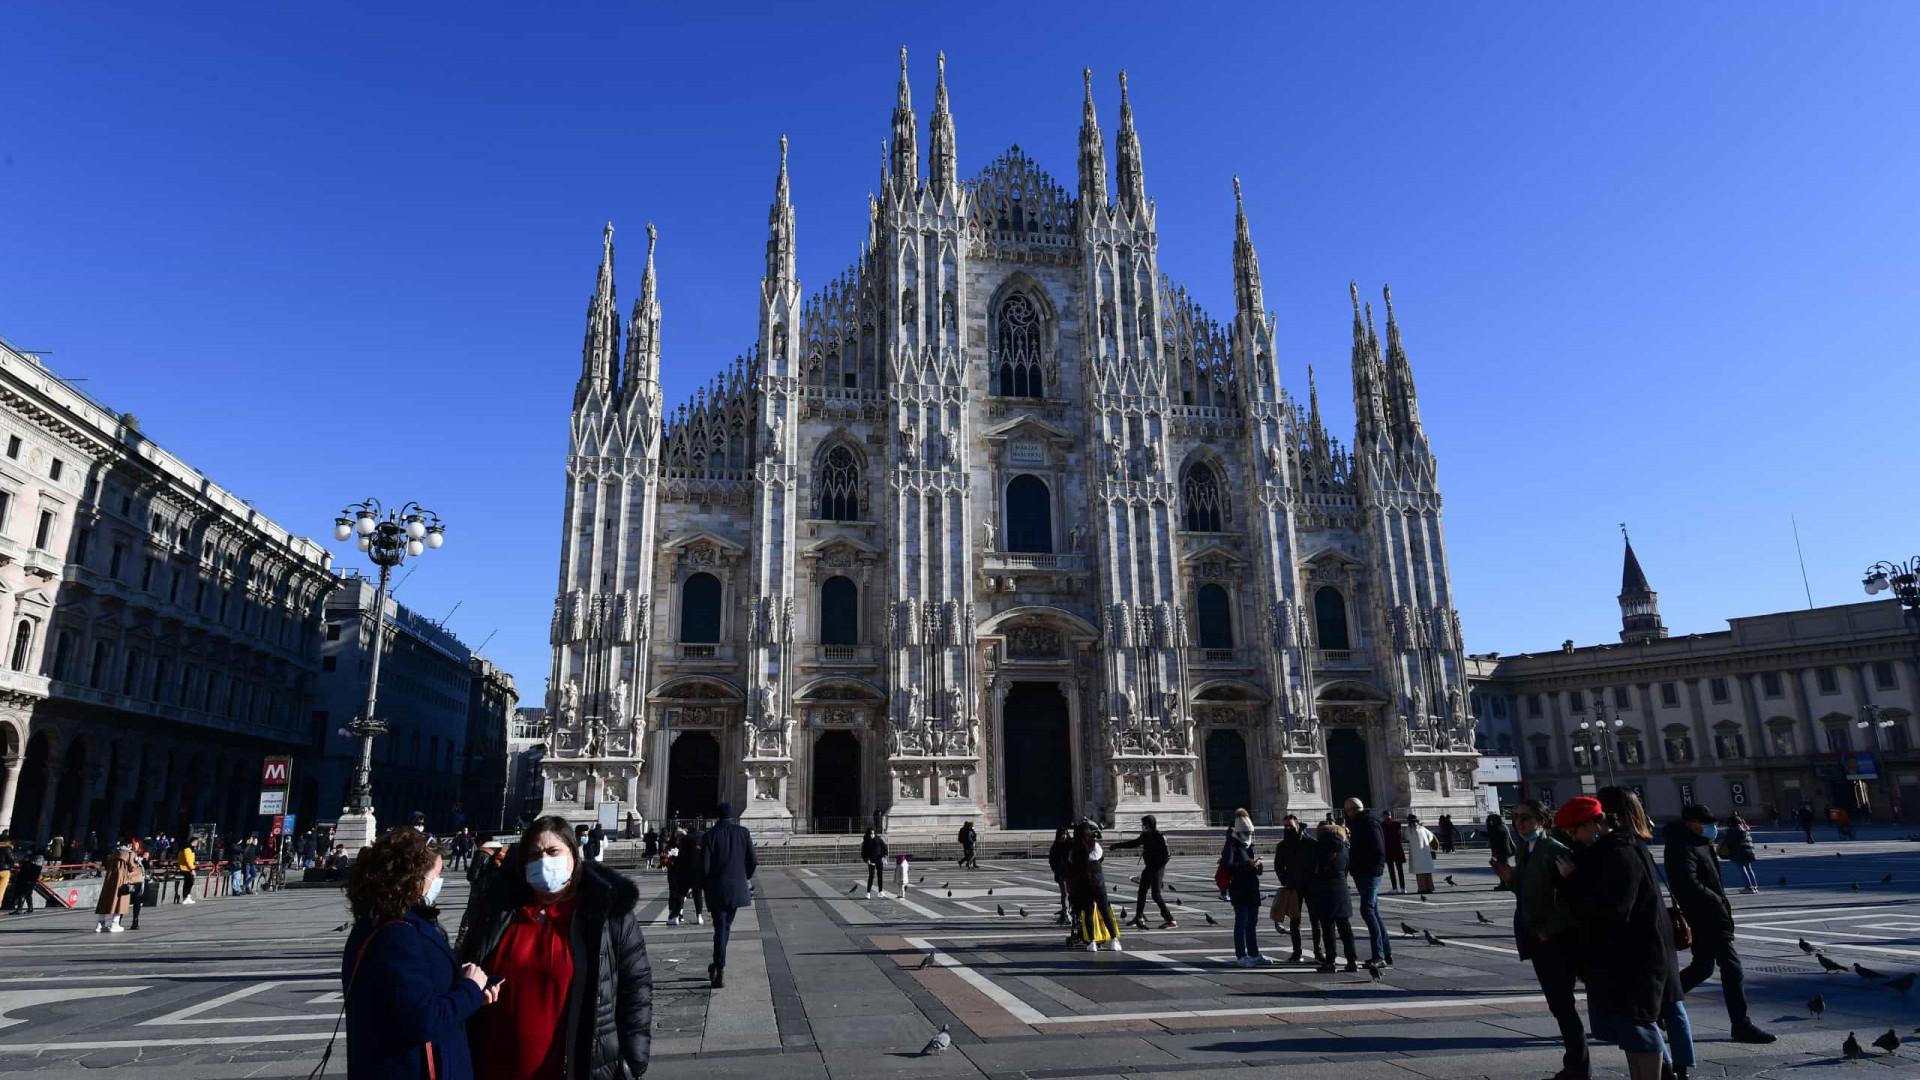 Itália com mais 24 mortes e 3.725 novos casos da Covid-19